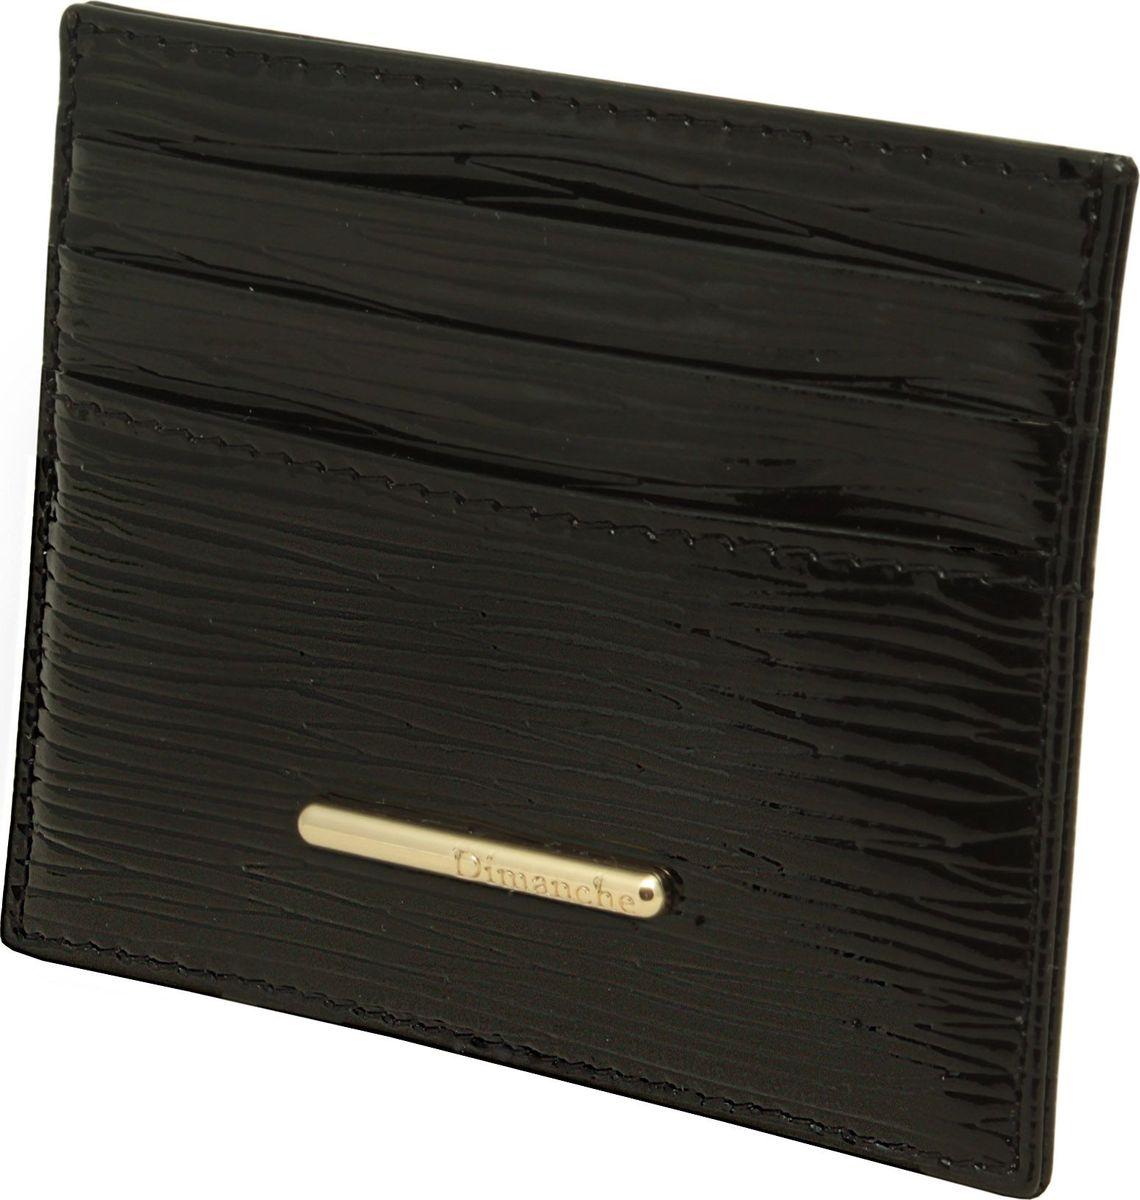 Визитница женская Dimanche Nice, цвет: черный. 290290_черныйМиниатюрная визитница Dimanche Nice для хранения визитных или кредитных кар изготовлена из натуральной кожи. С каждой стороны имеется по 3 кармашка и посередине потайной карман.